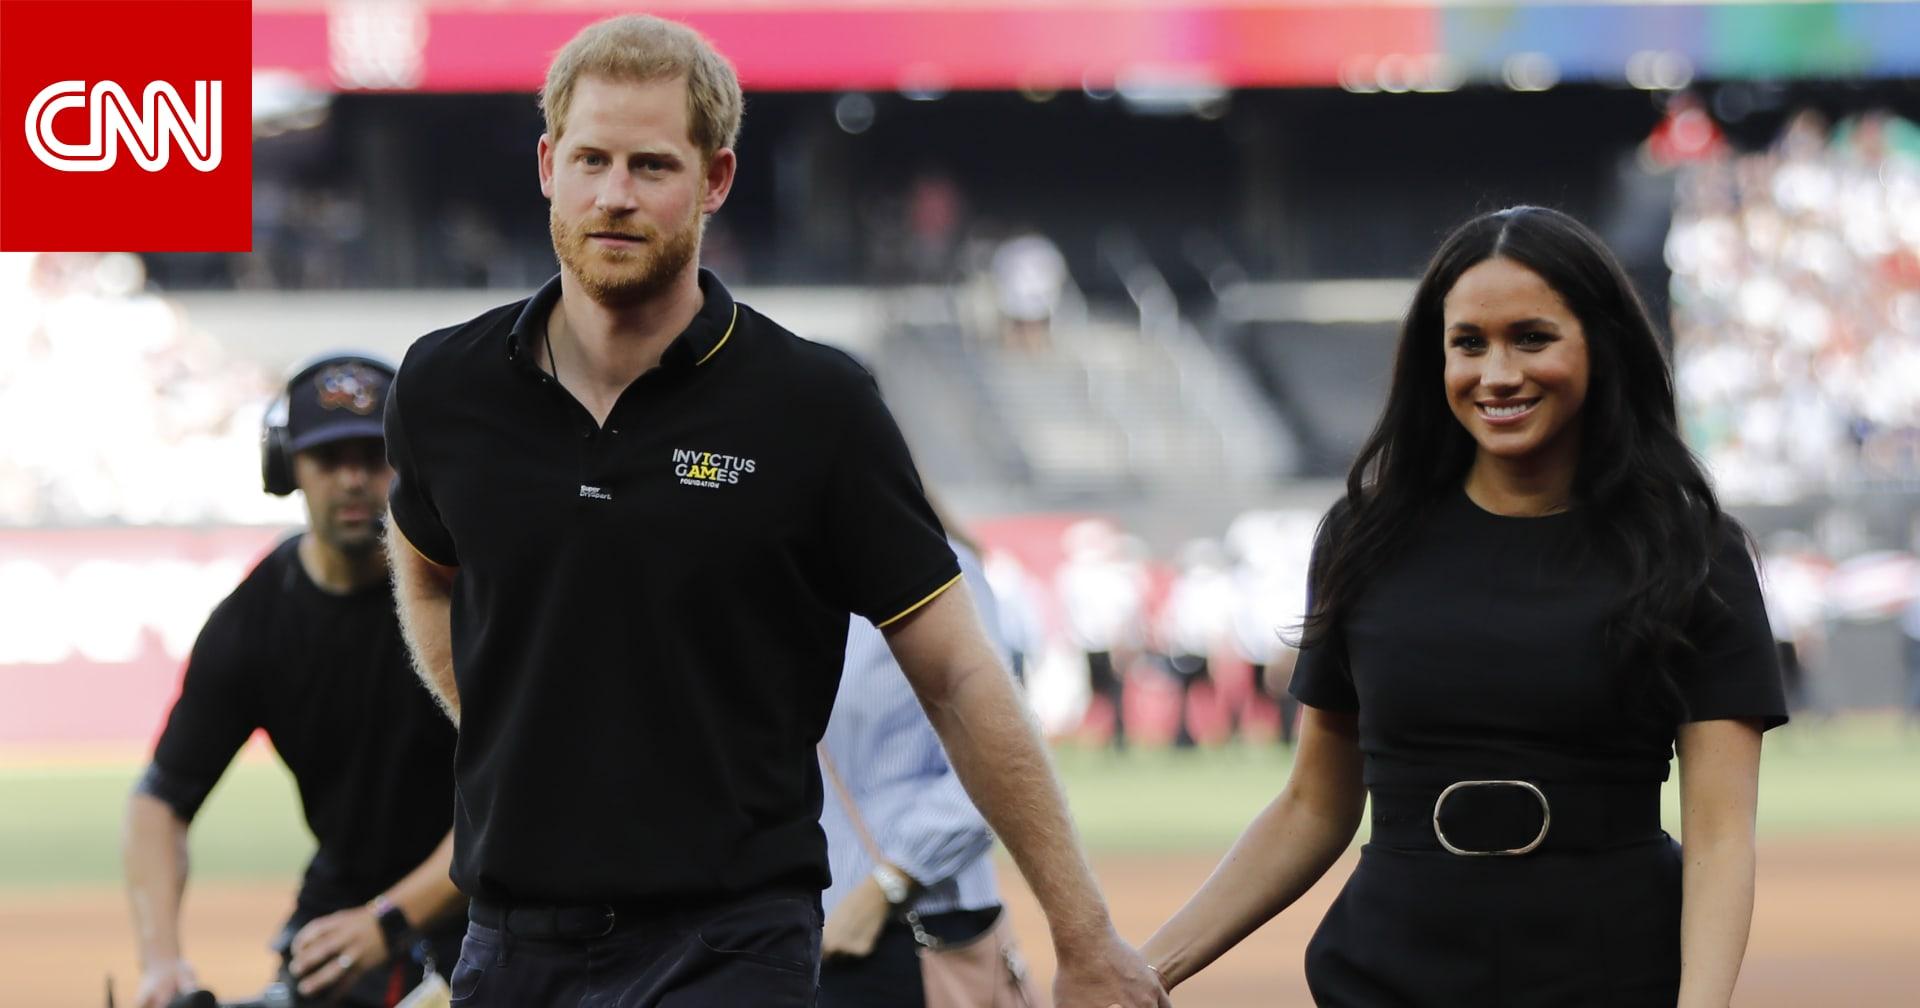 الأمير هاري وميغان ماركل لن يعودها للعائلة البريطانية.. ويفقدان ألقابهما الرسمية